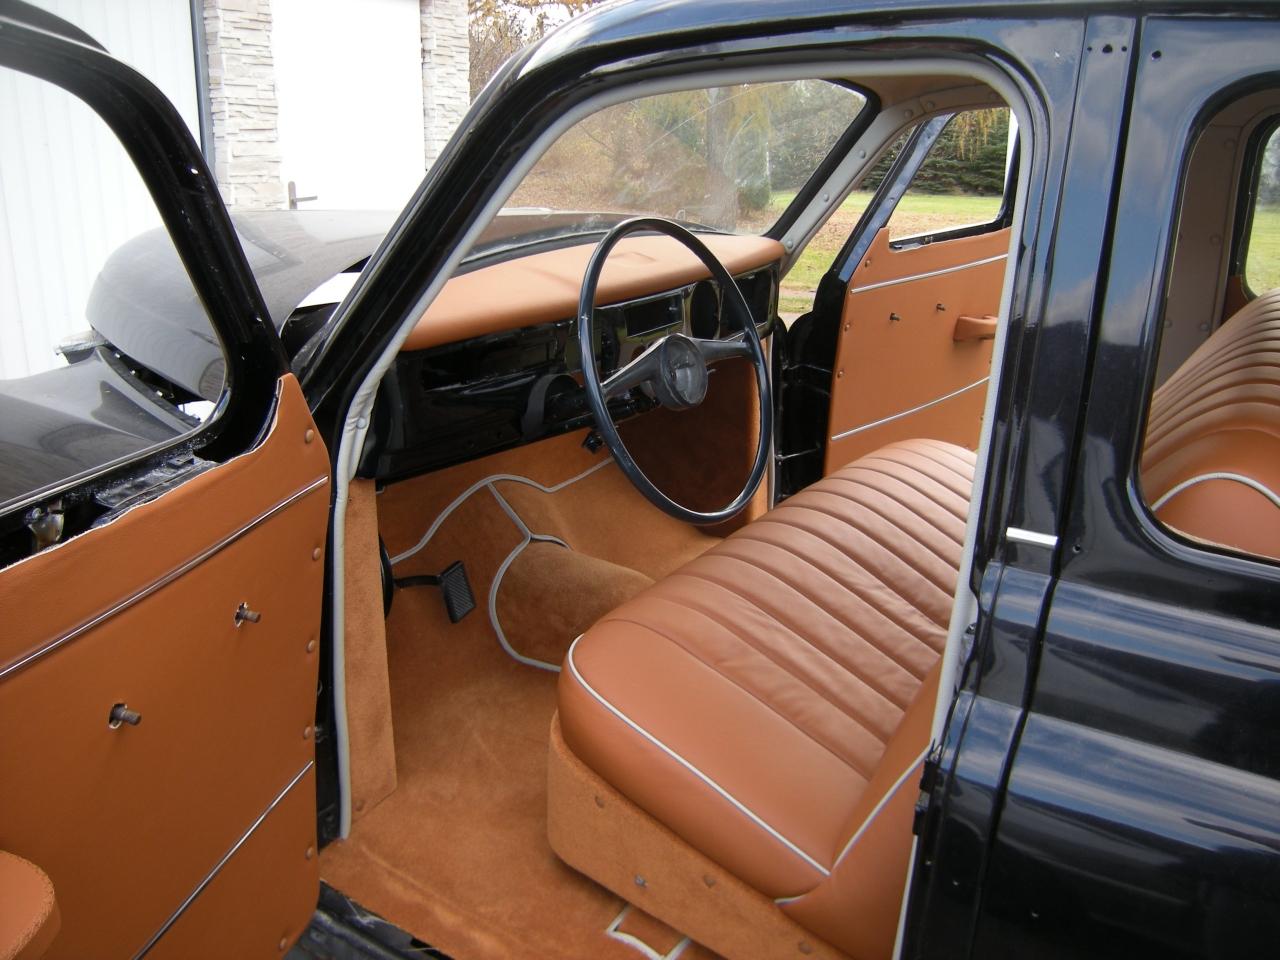 tapicerka samochodowa po renowacji